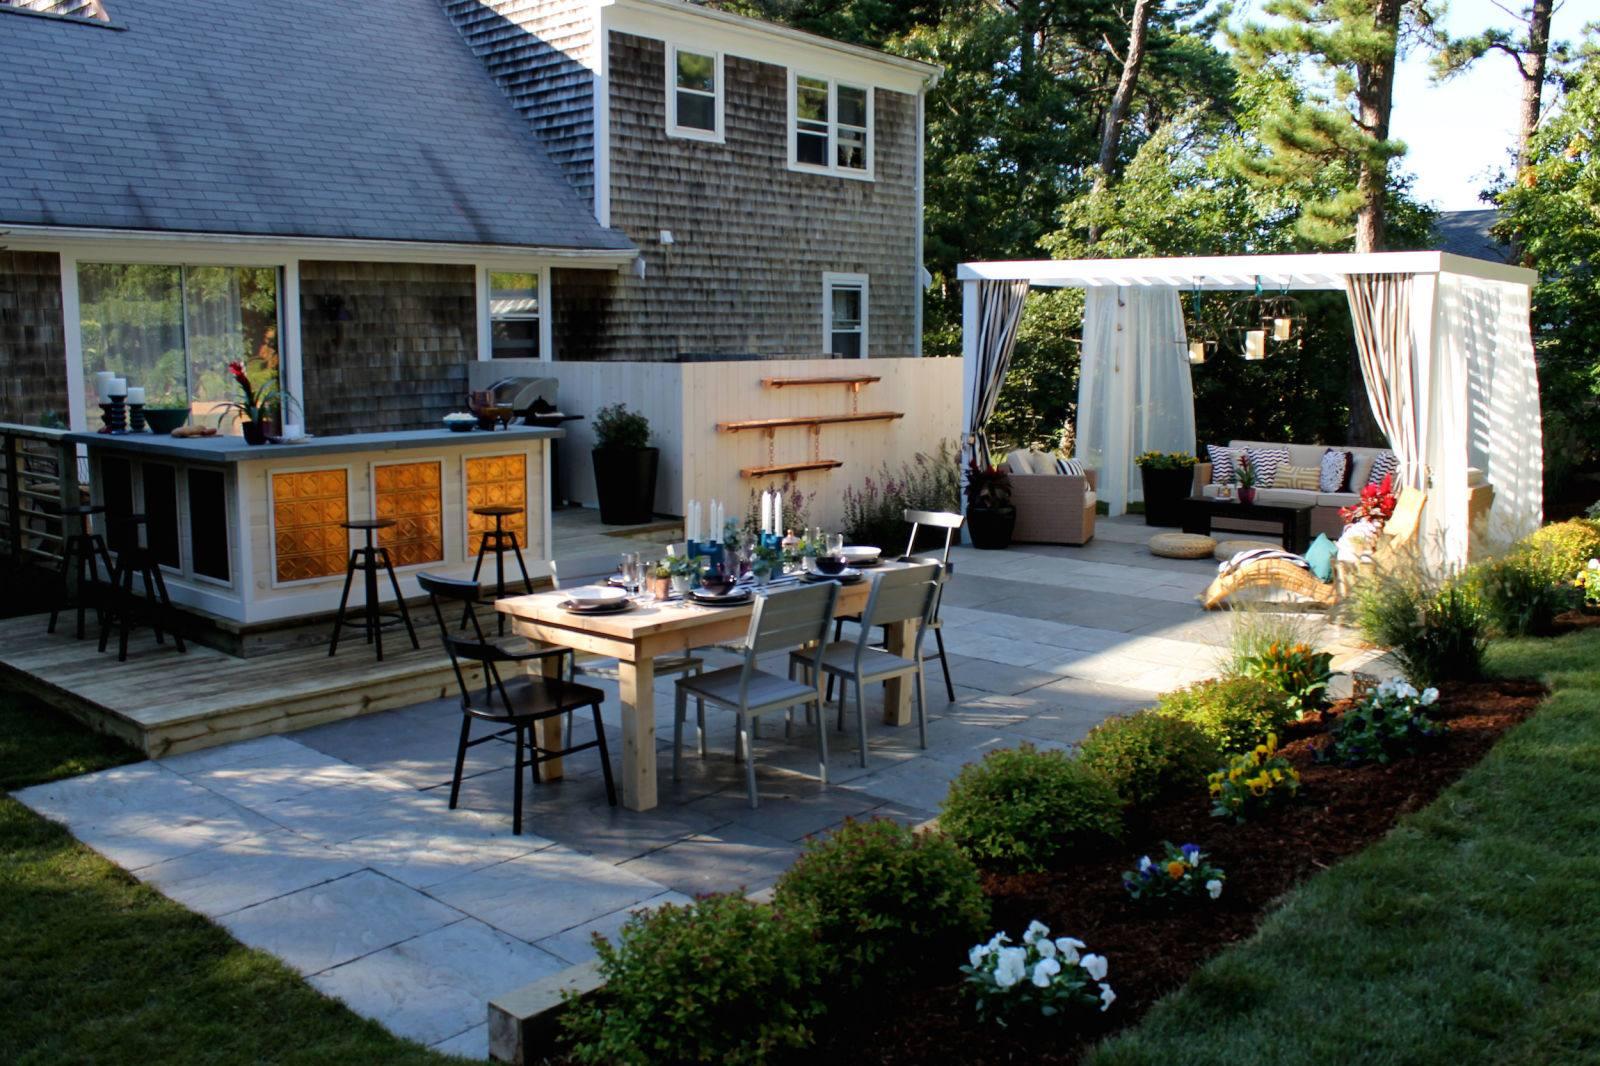 Патио на даче своими руками: варианты дизайна зоны отдыха, как сделать дворик за домом из камня и дерева